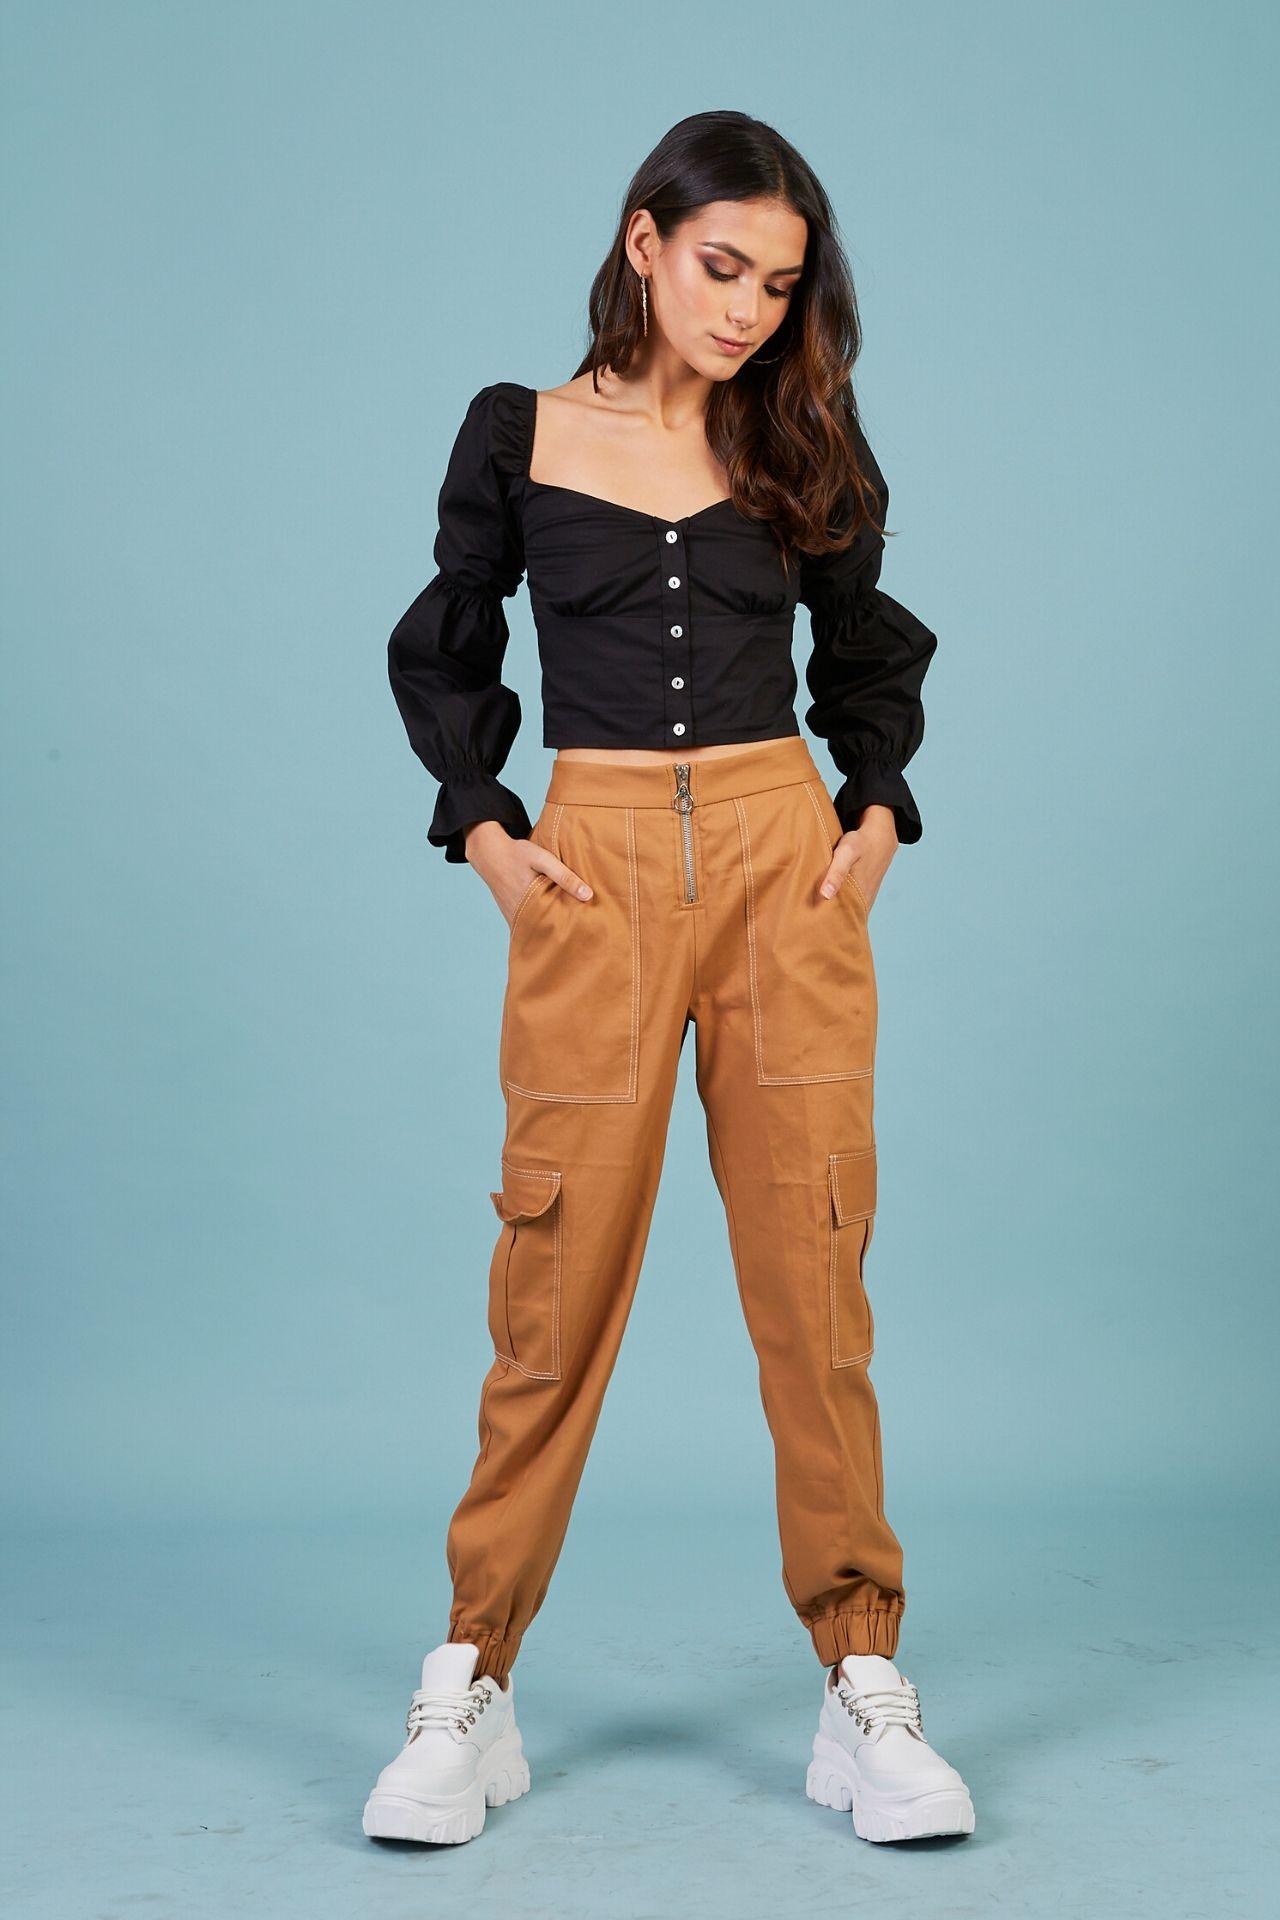 Pantalón cargo detalle pespunte contraste.  Material: drill 100% algodón